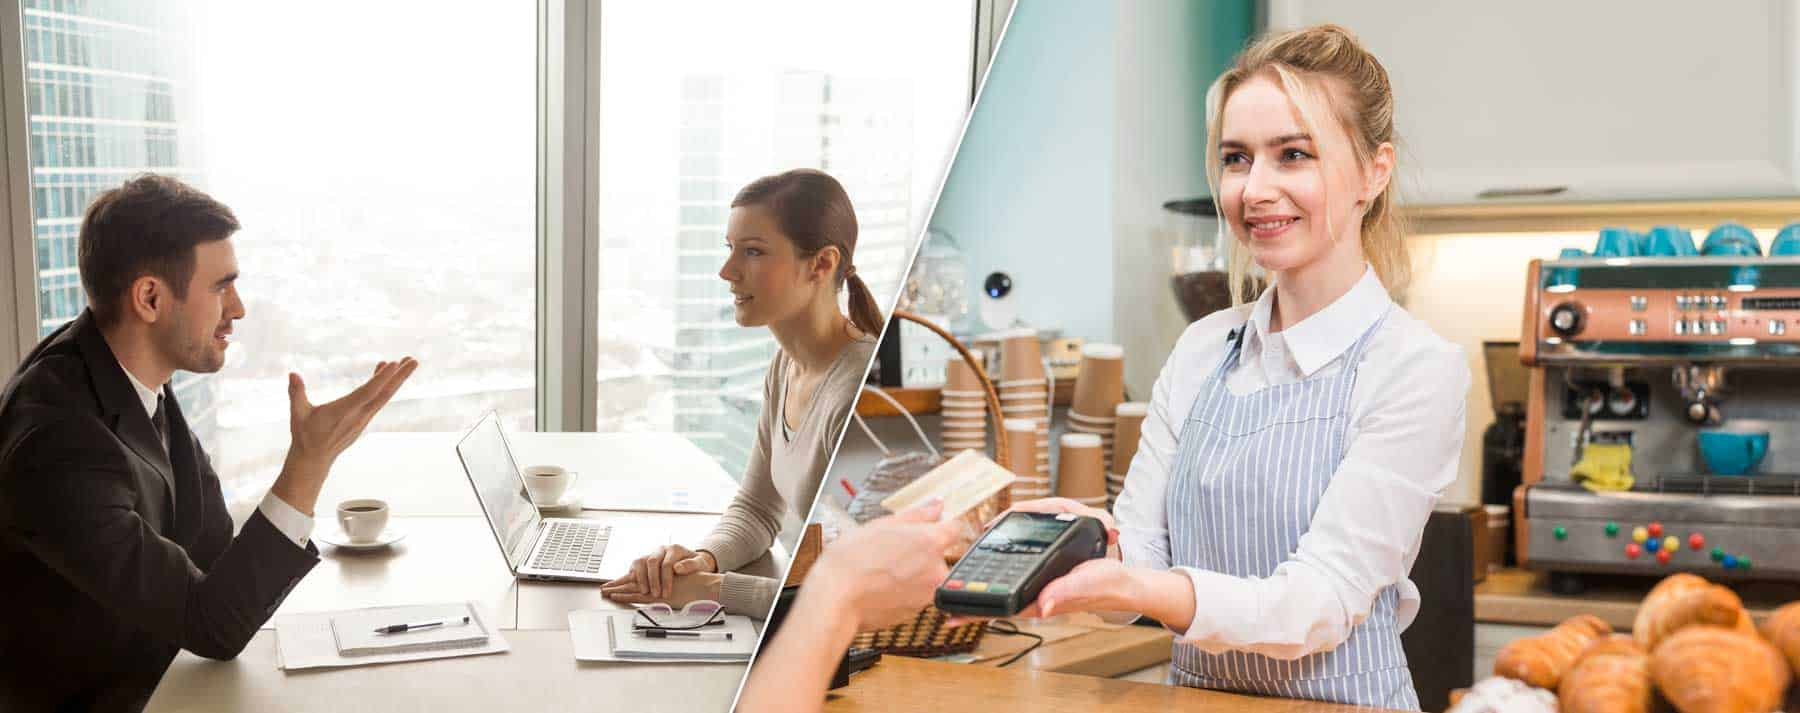 Venda consultiva x Venda transacional: Entenda as diferenças e estratégias